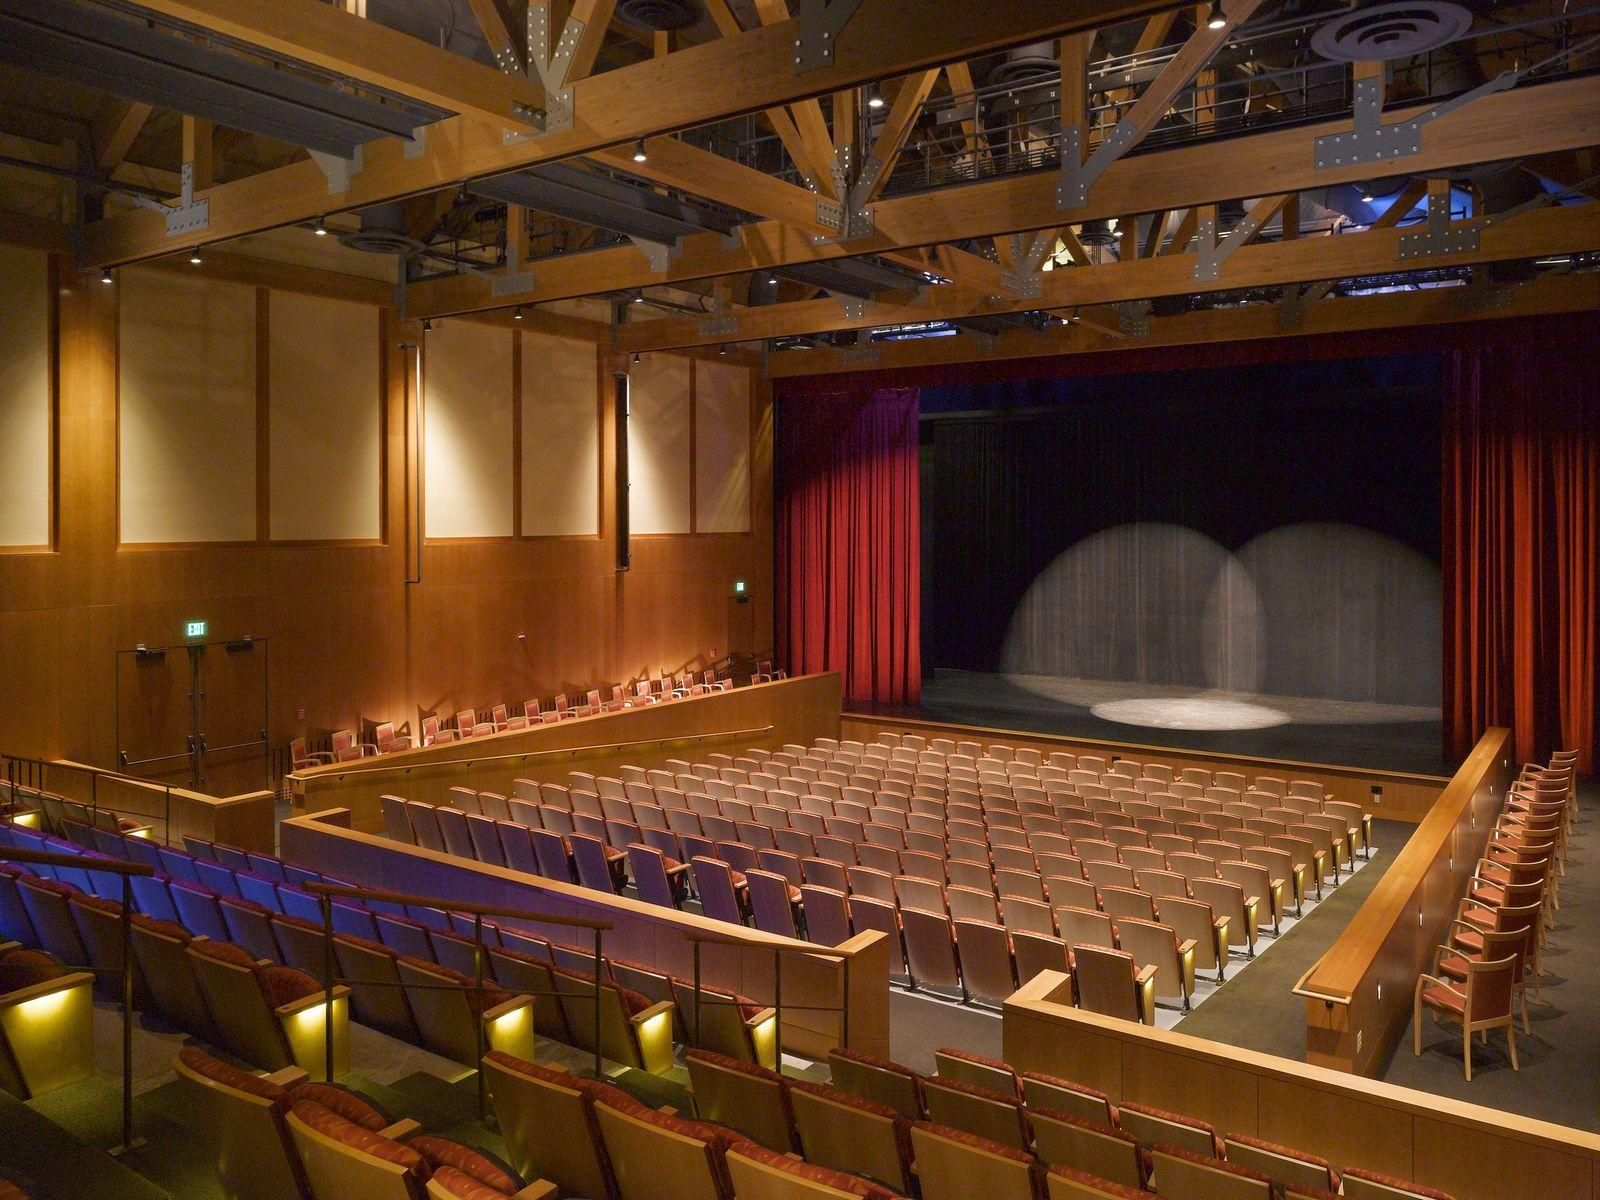 Auditorium of the Spruce Peak Performing Arts Center.